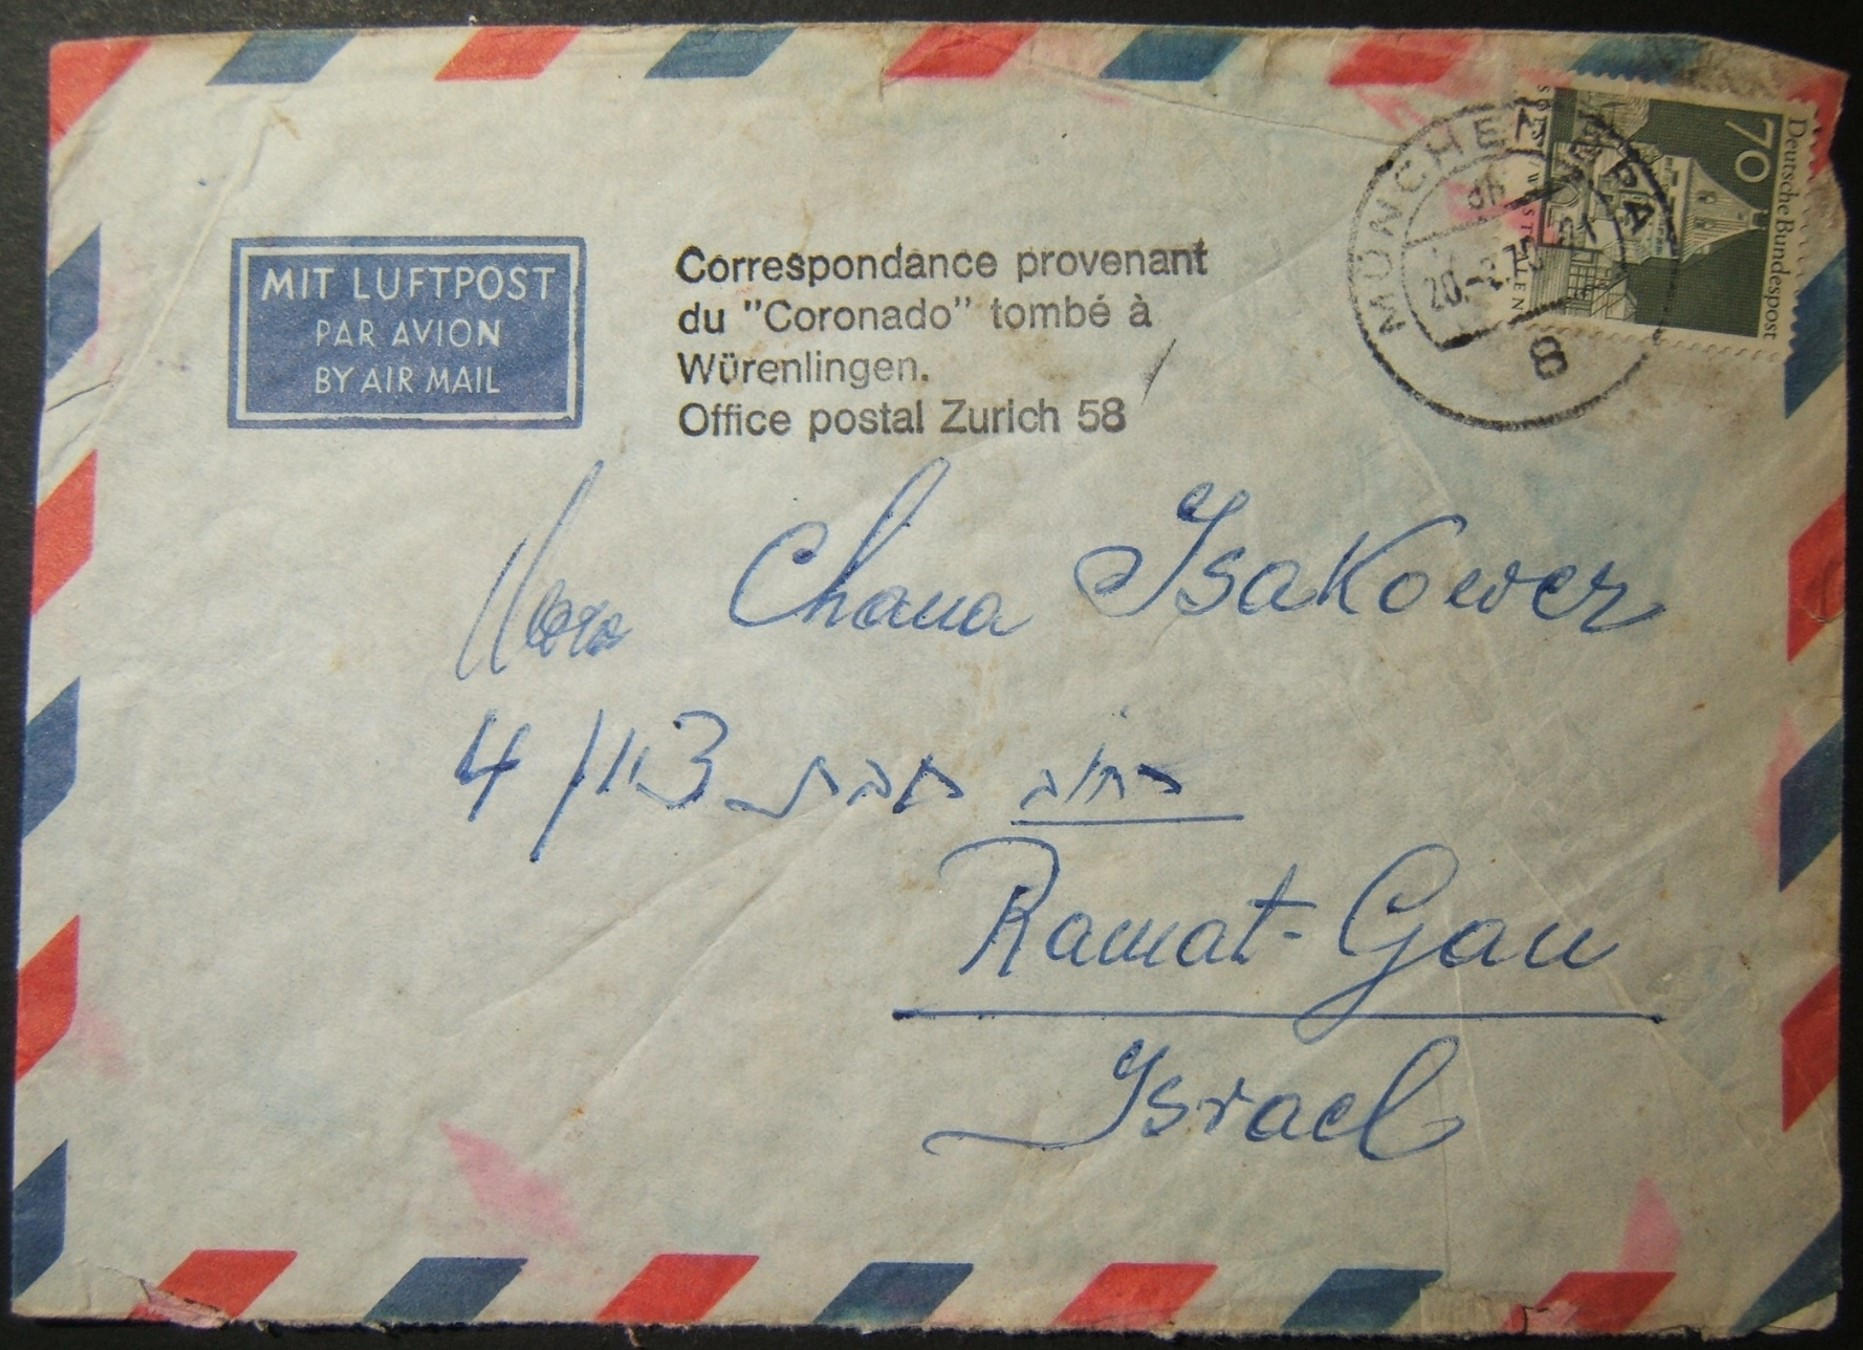 1970 deutsche Luftpost nach Israel erholte sich von Coronado Terroranschlag und Absturz